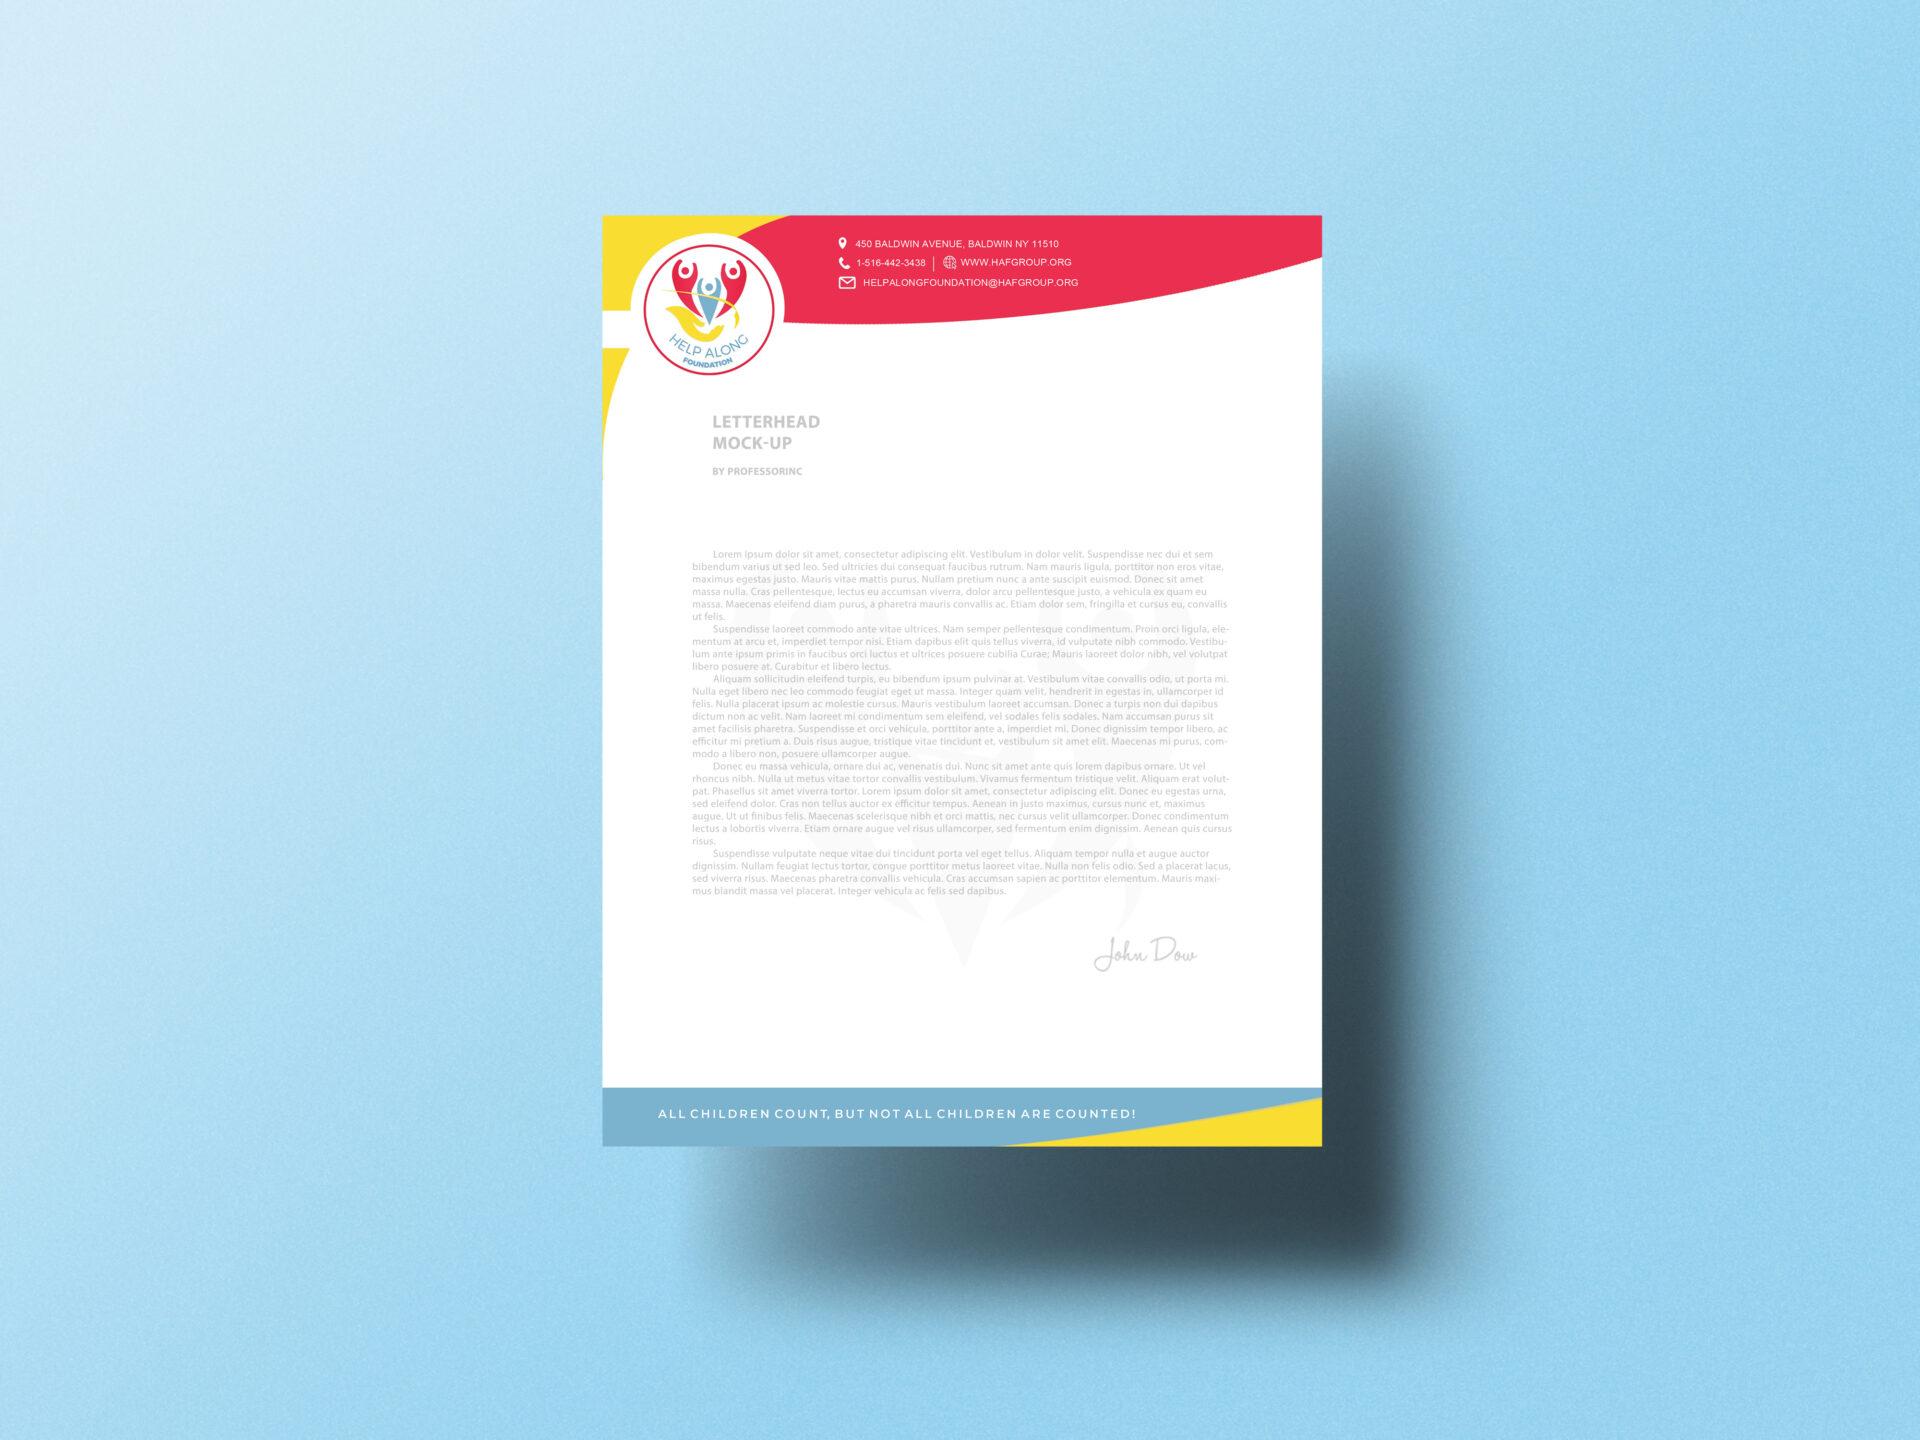 letterheadmockup